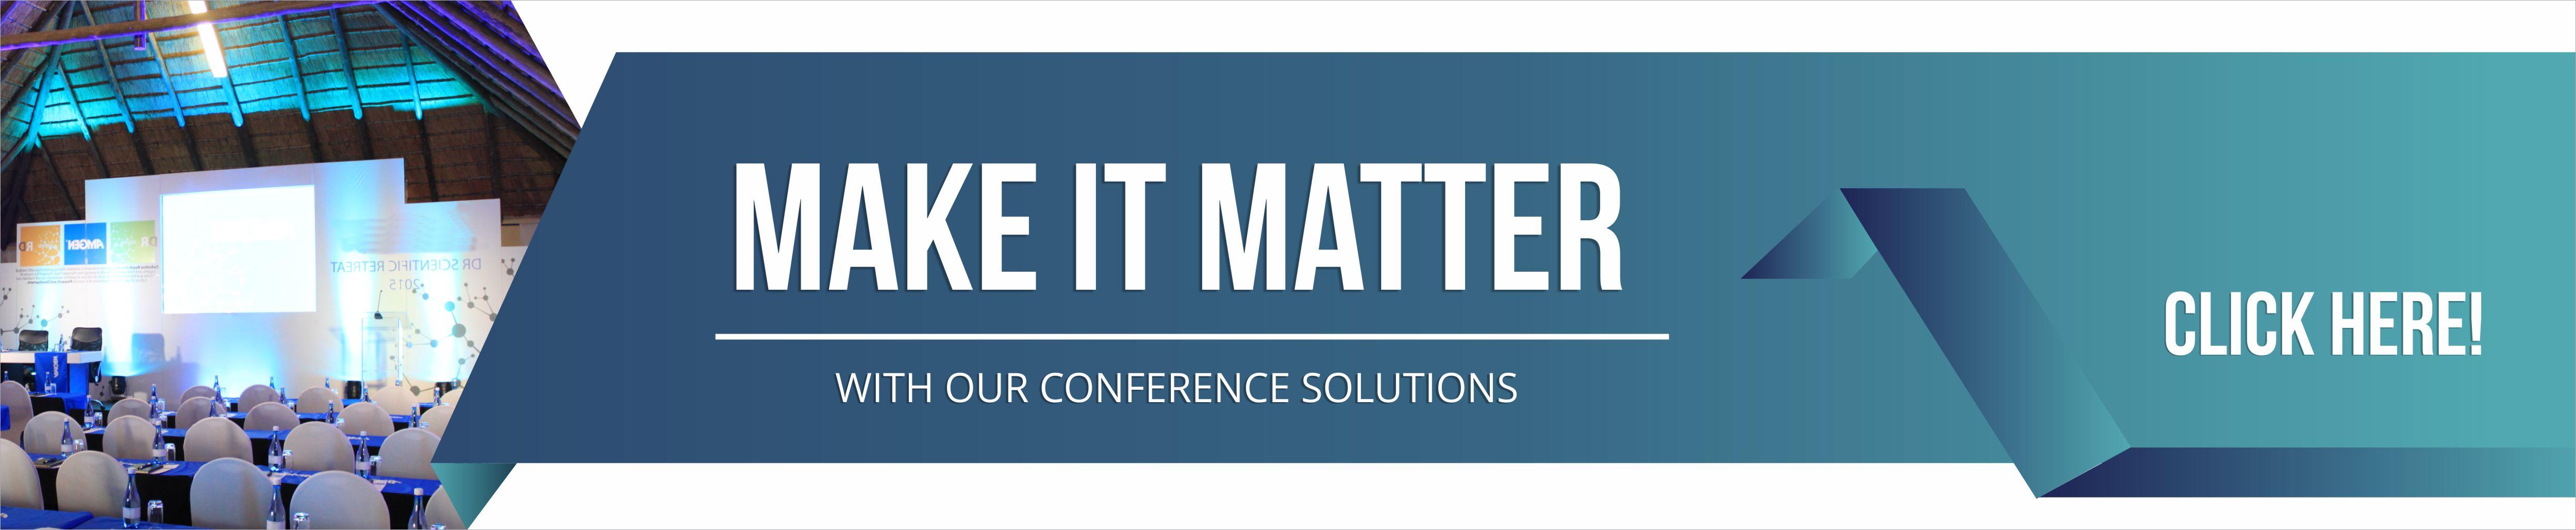 Conferencing Deals April 2021